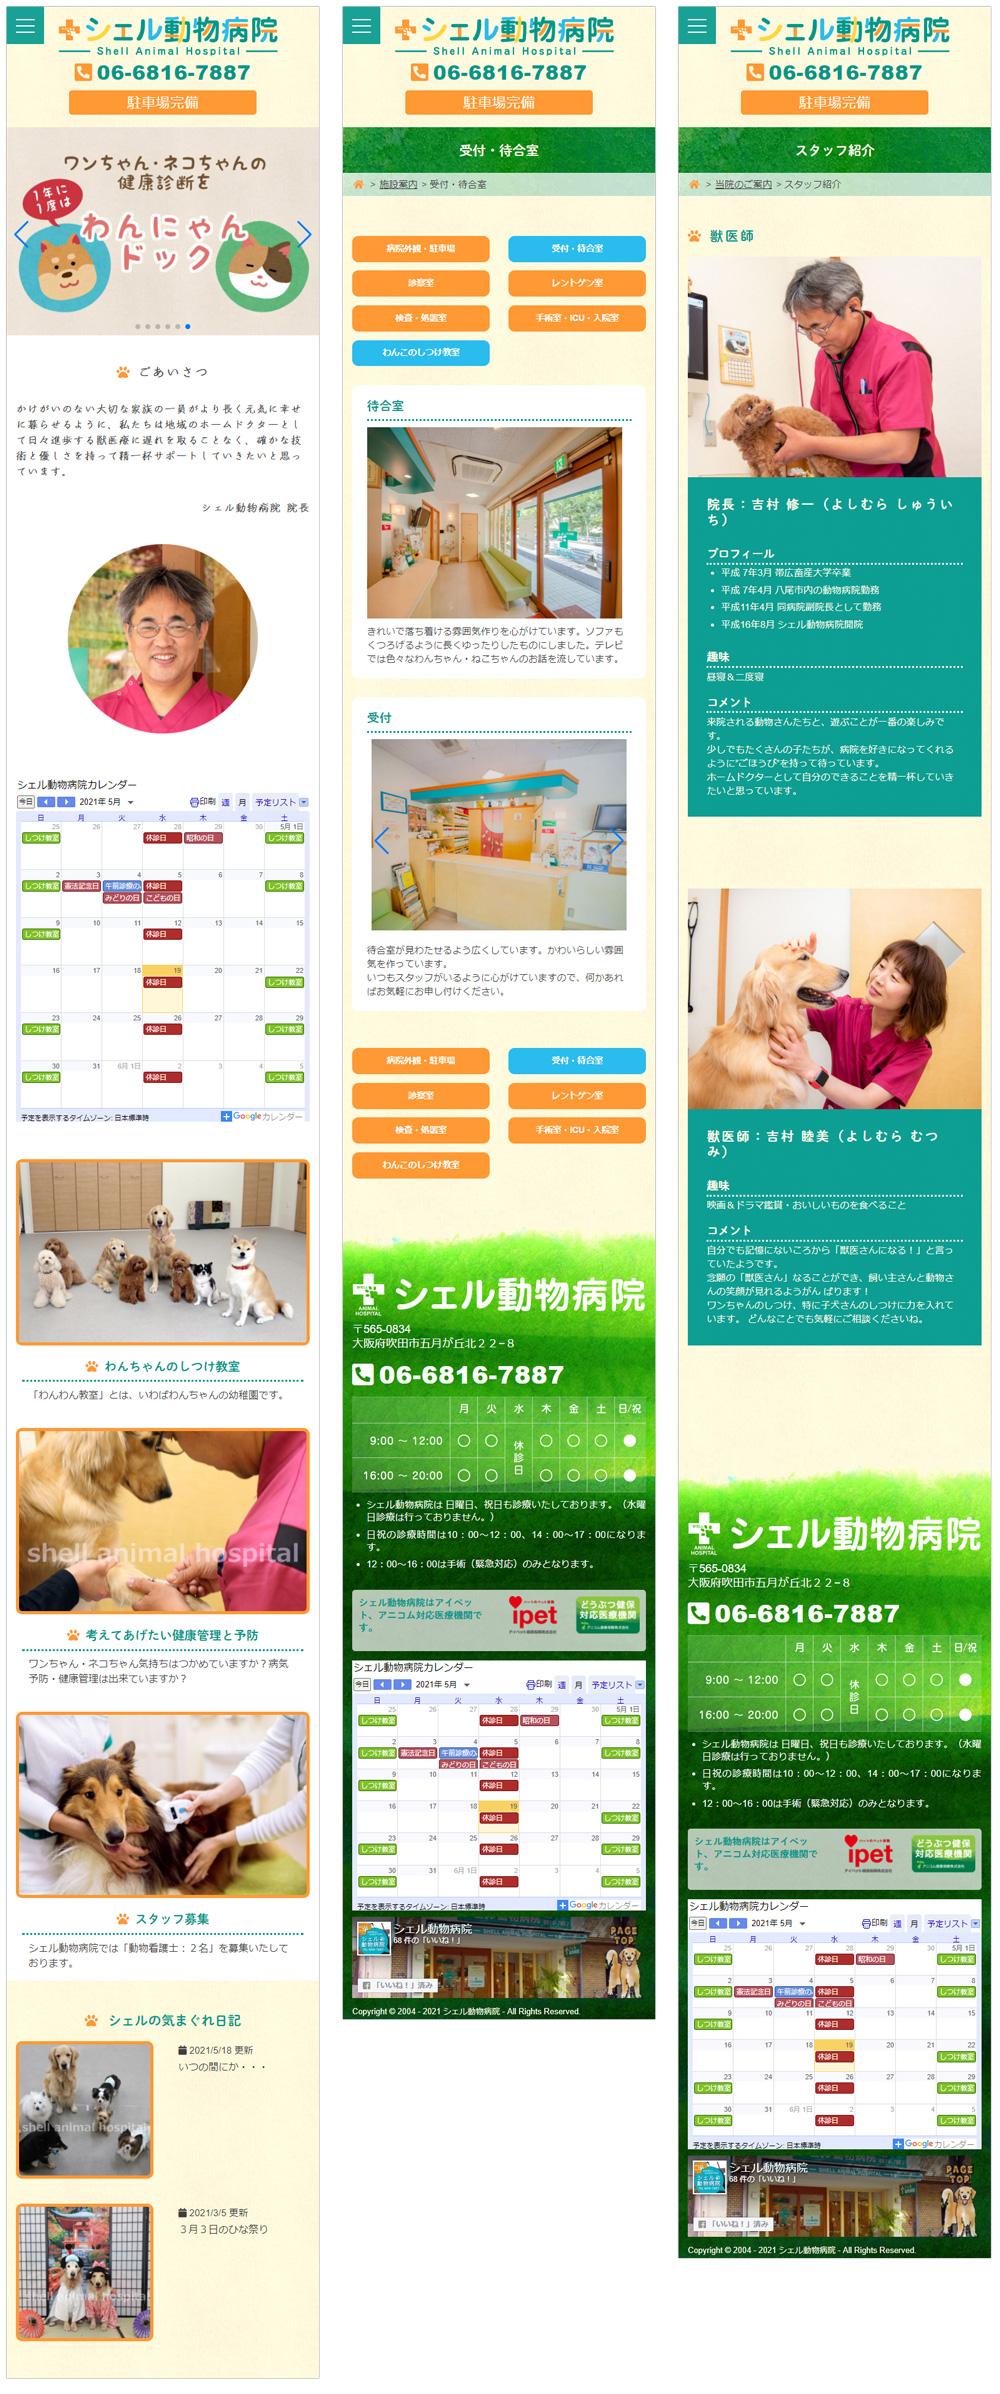 吹田市のシェル動物病院様ホームページ:スマートフォン版